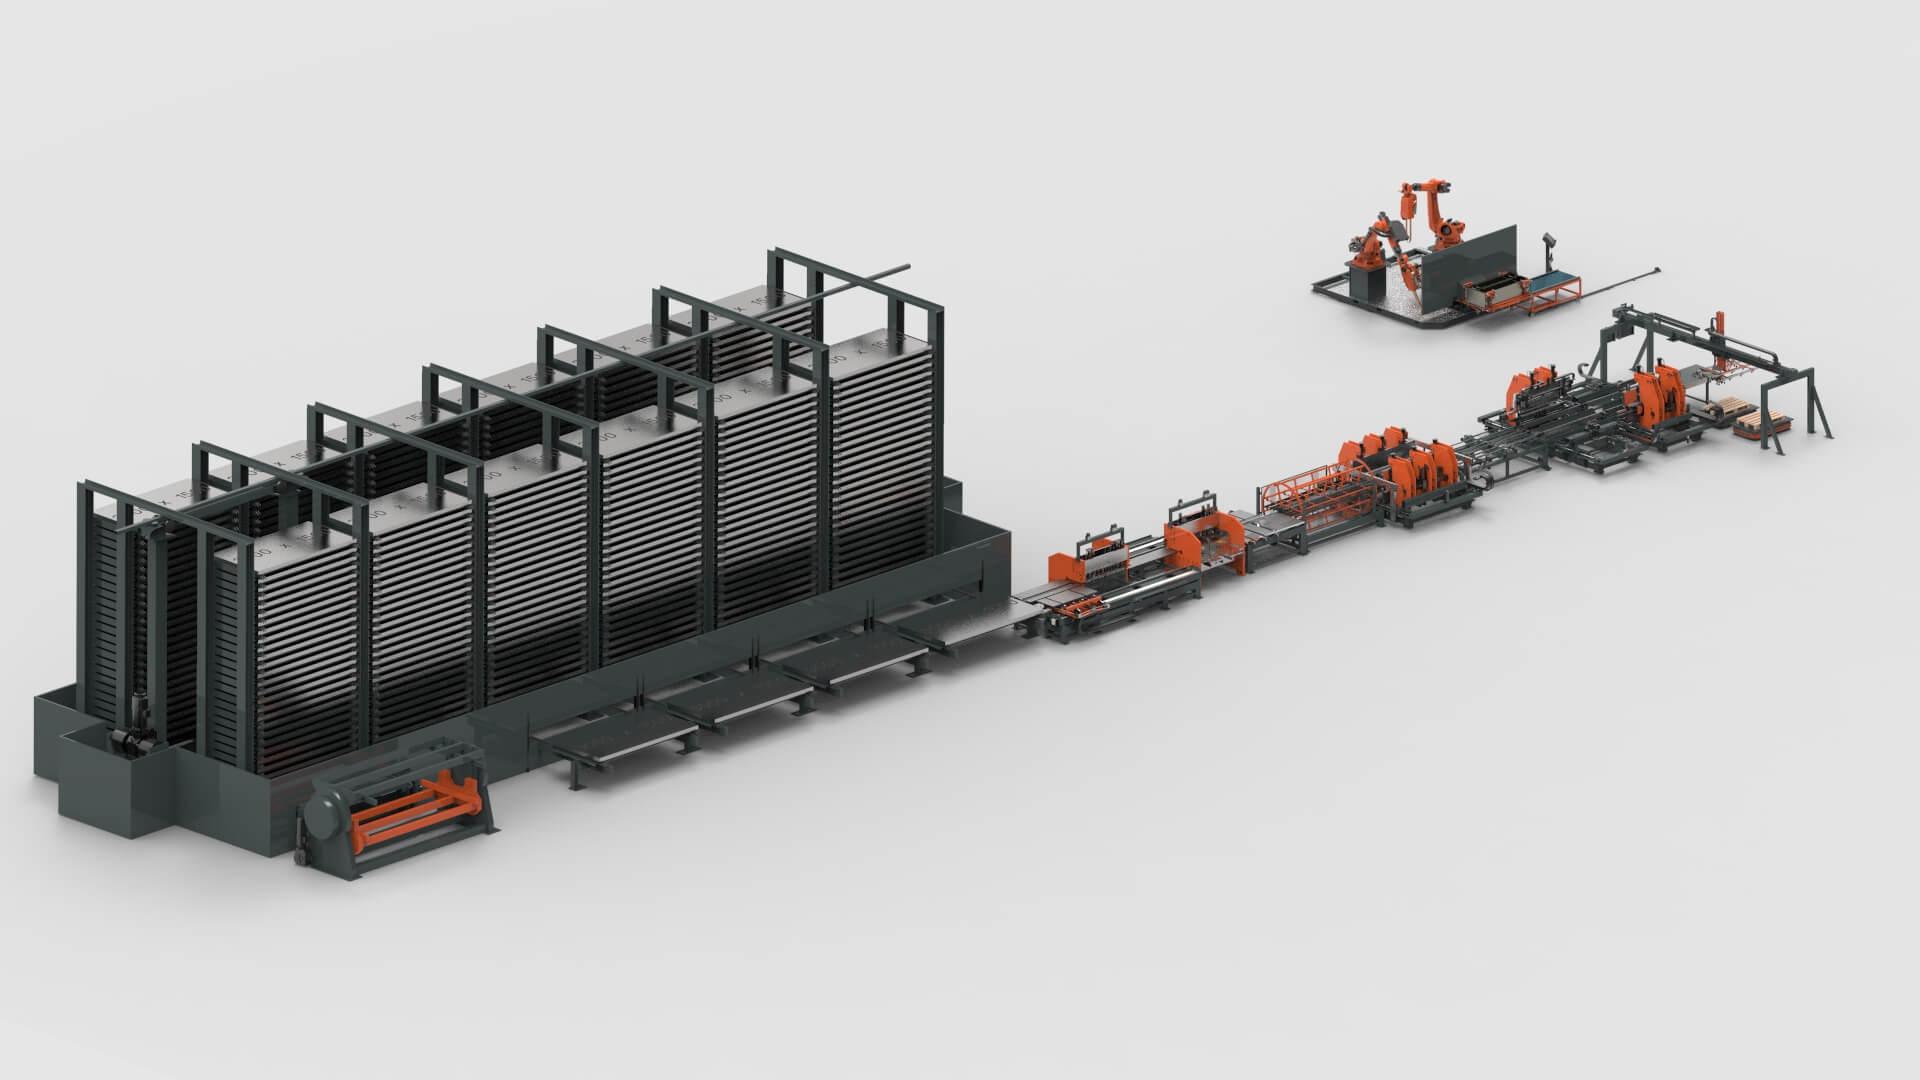 wemo-stalen-kasten-plaatbewerking-platenmagazijn-ponsen-buigen-lassen-productielijn.jpg